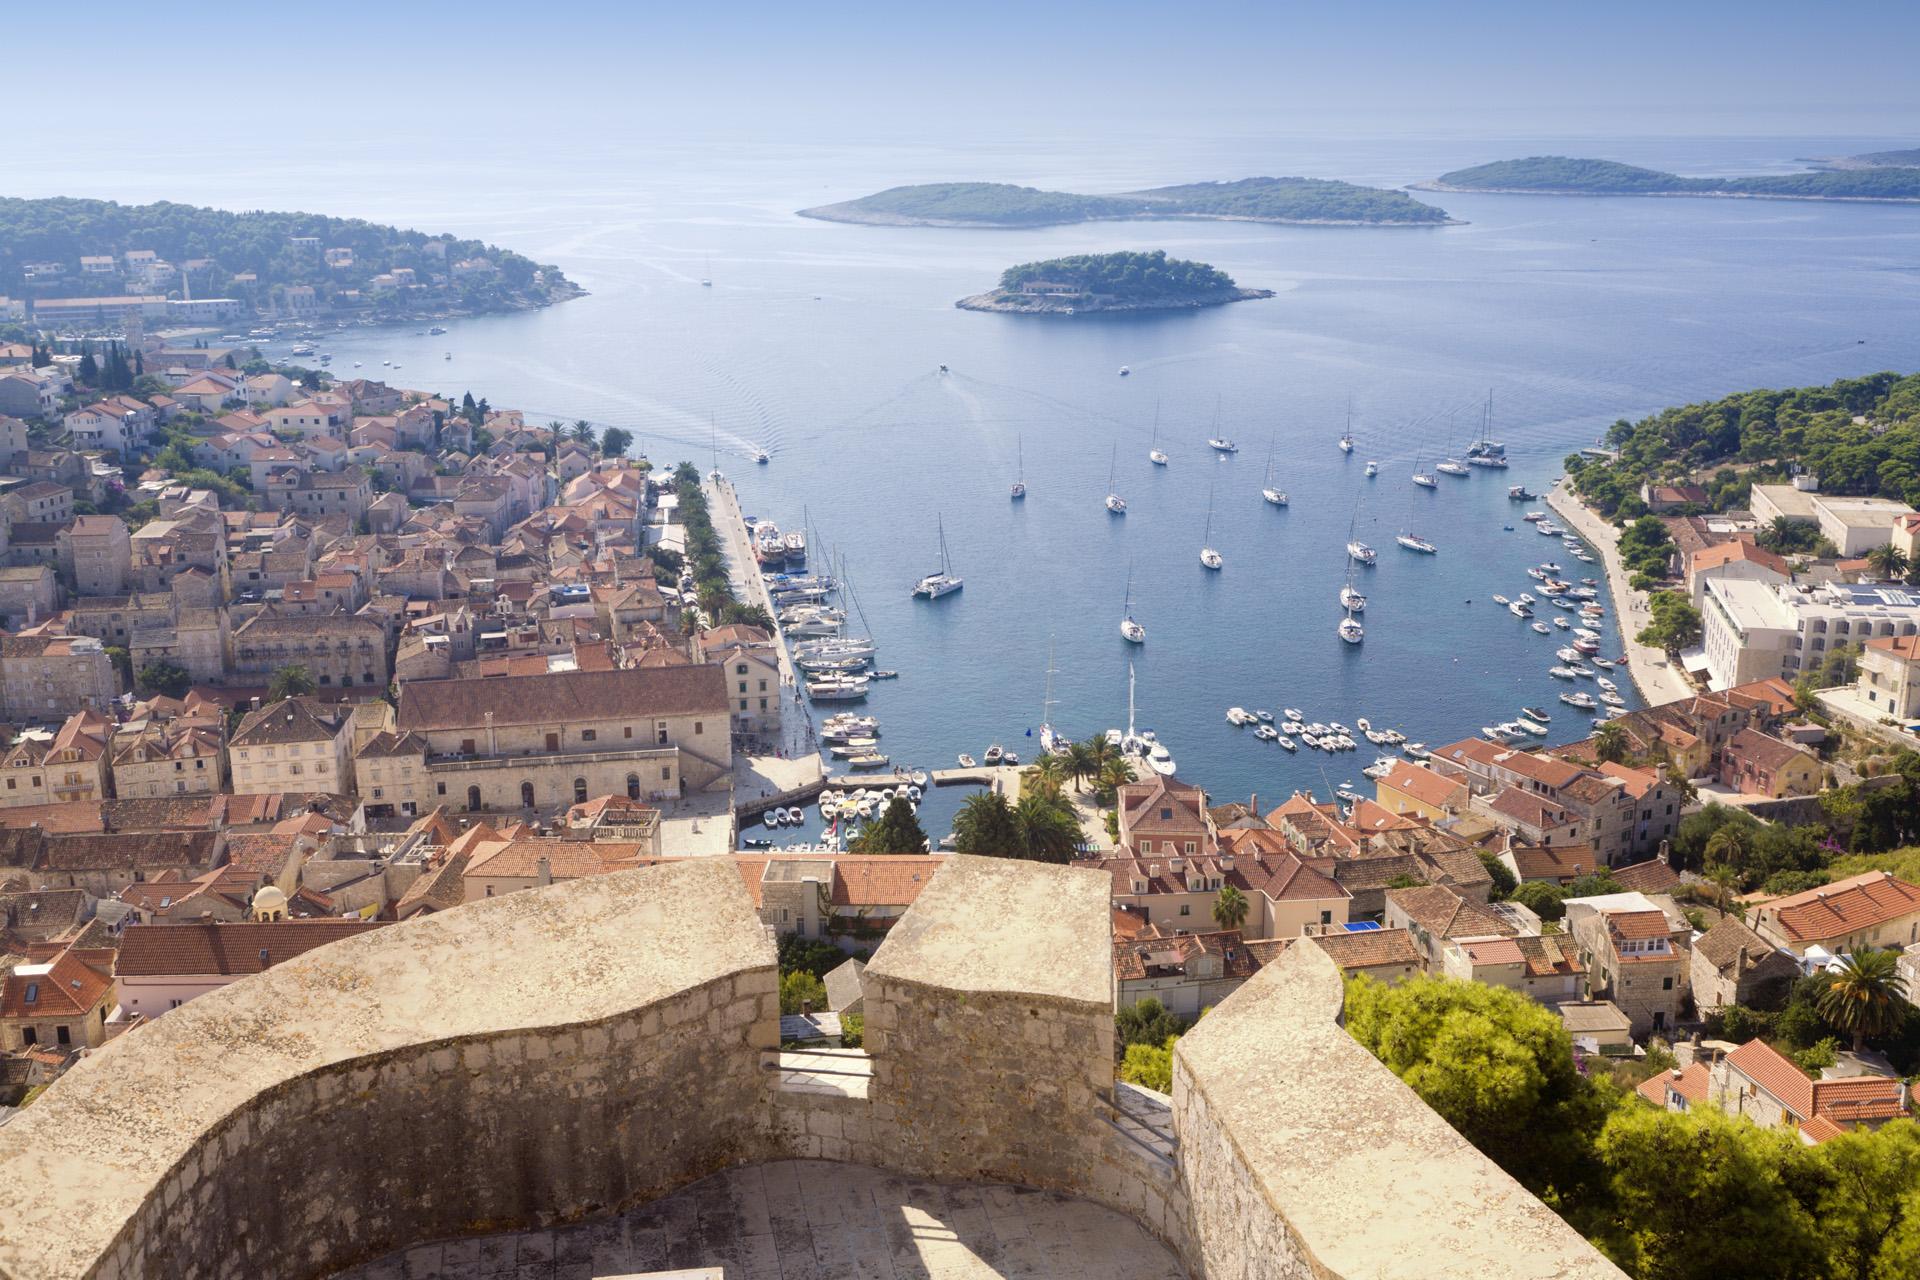 Los primeros asentamientos humanos datan de la época de los ilirios, pero no fue hasta la llegada de los griegos, que fundaron en la isla la colonia de Faros, cuando adquirió cierta relevancia. (iStock)